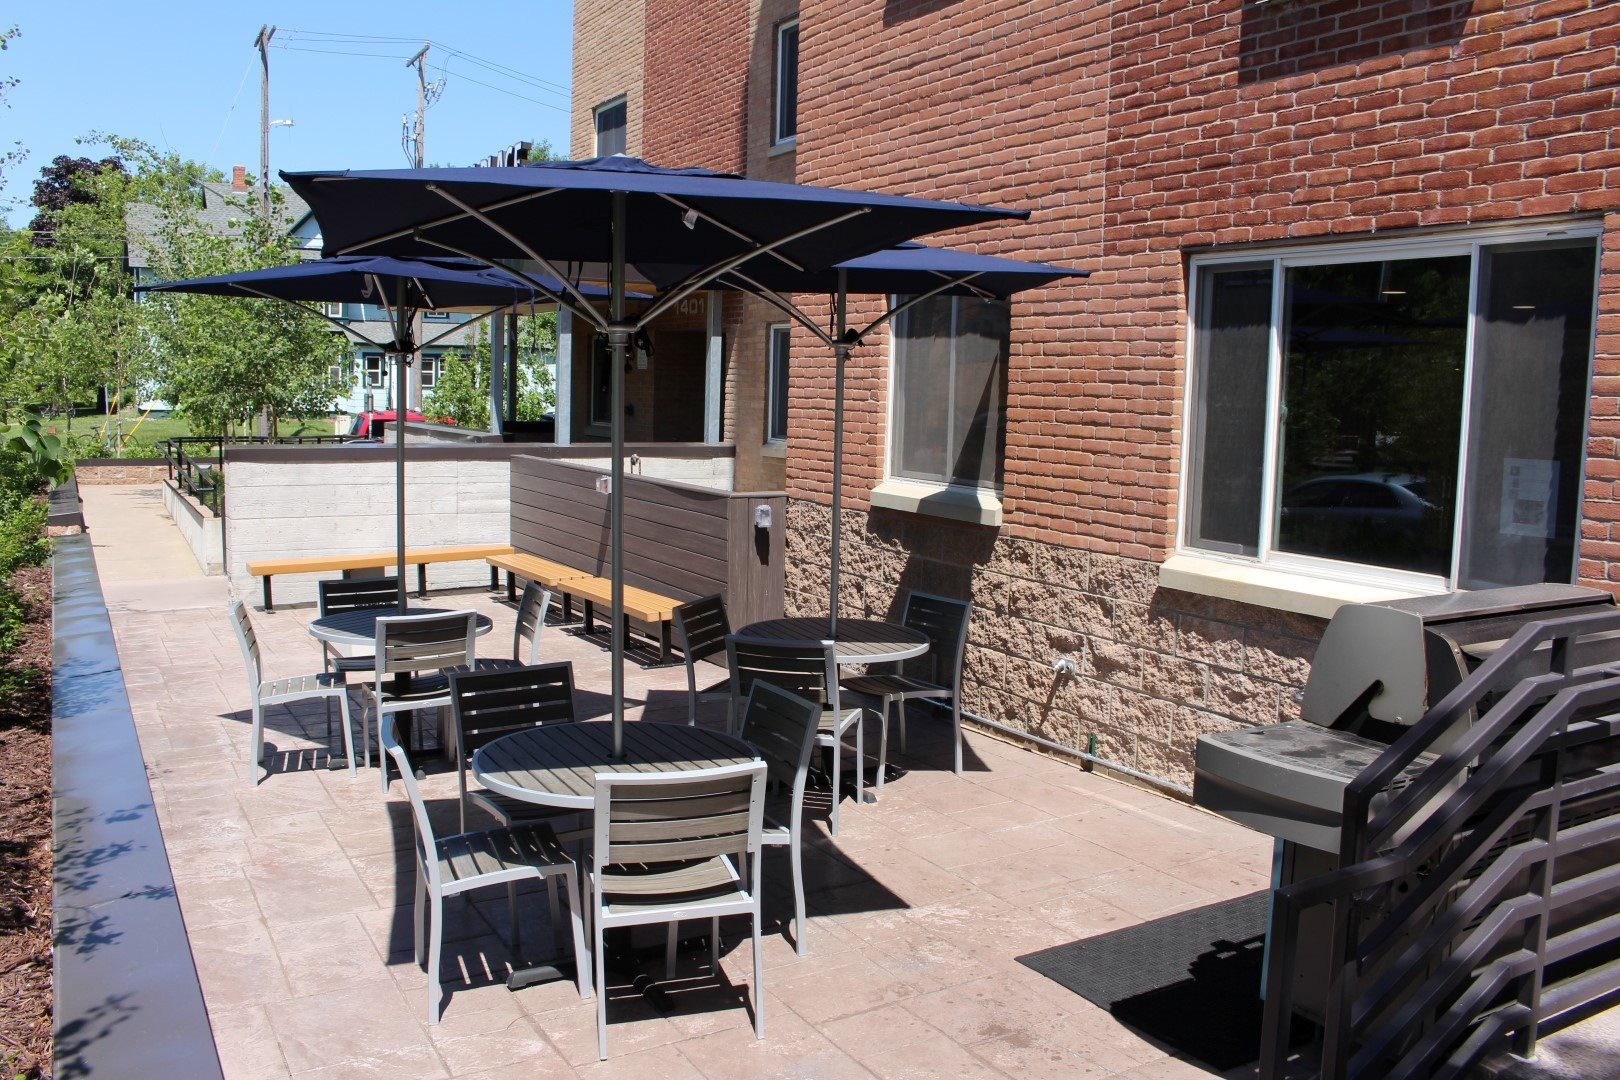 Bierman Place Apartments image 1